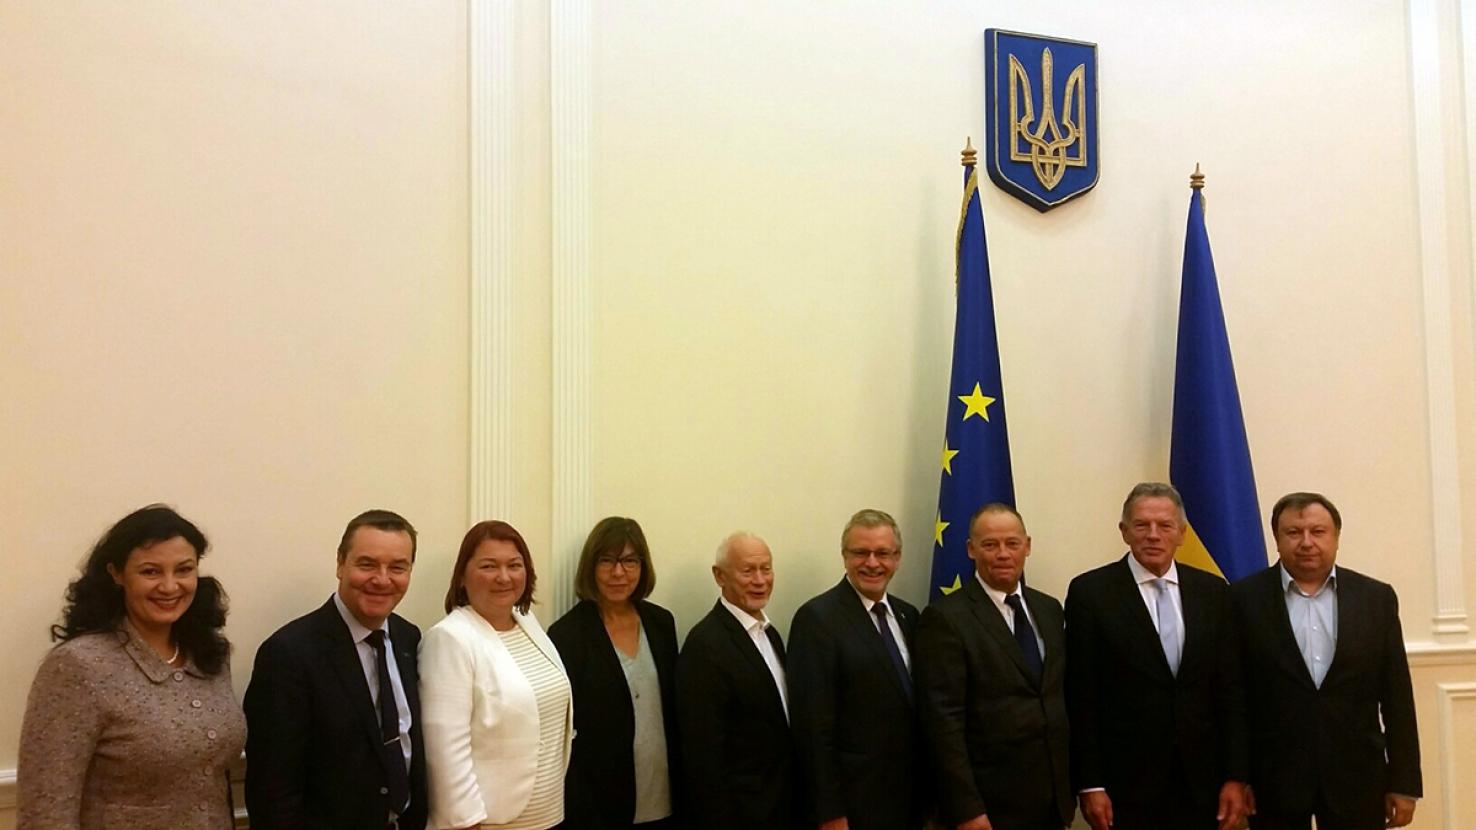 Szanyi Tibor: Uniós támogatás és bírálat Ukrajnának